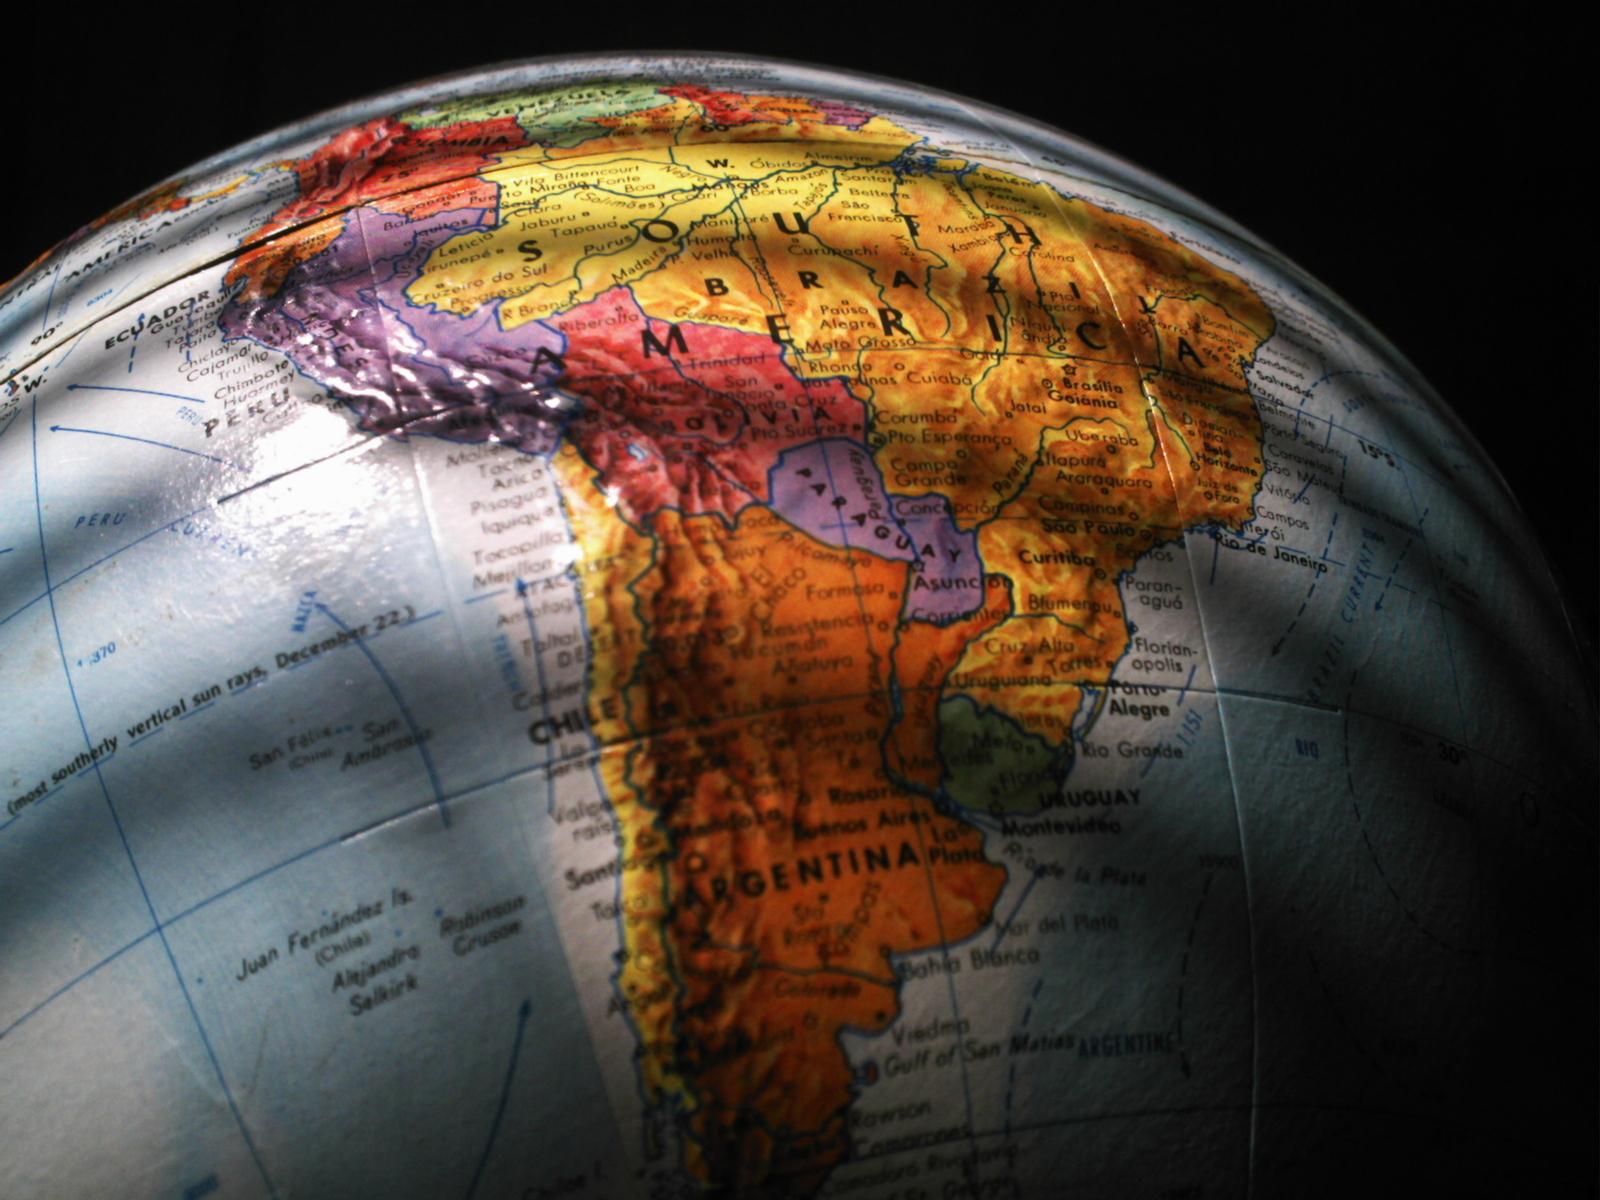 La sigilosa acción norteamericana en Paraguay y el nuevo mapa militar instalado por Washington en Latinoamérica